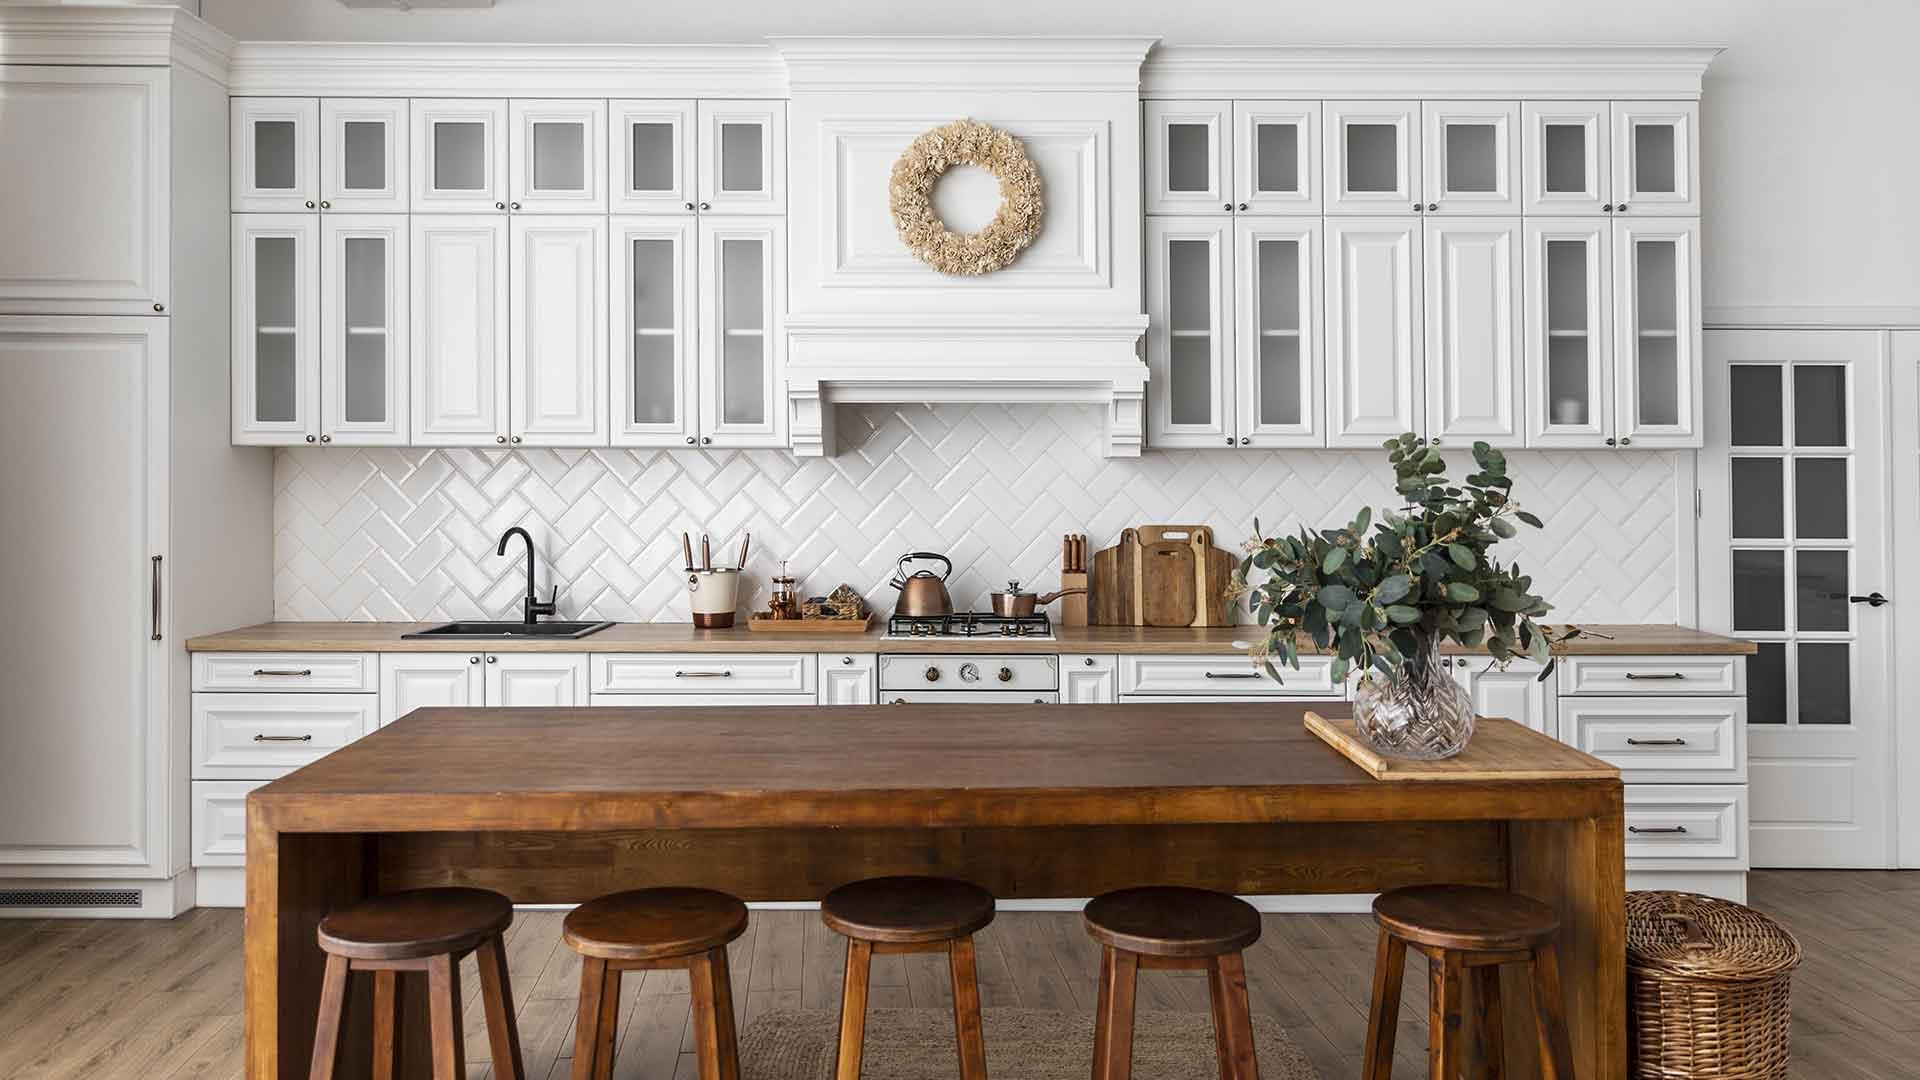 Best Kitchen Design Styles - Modern Farmhouse